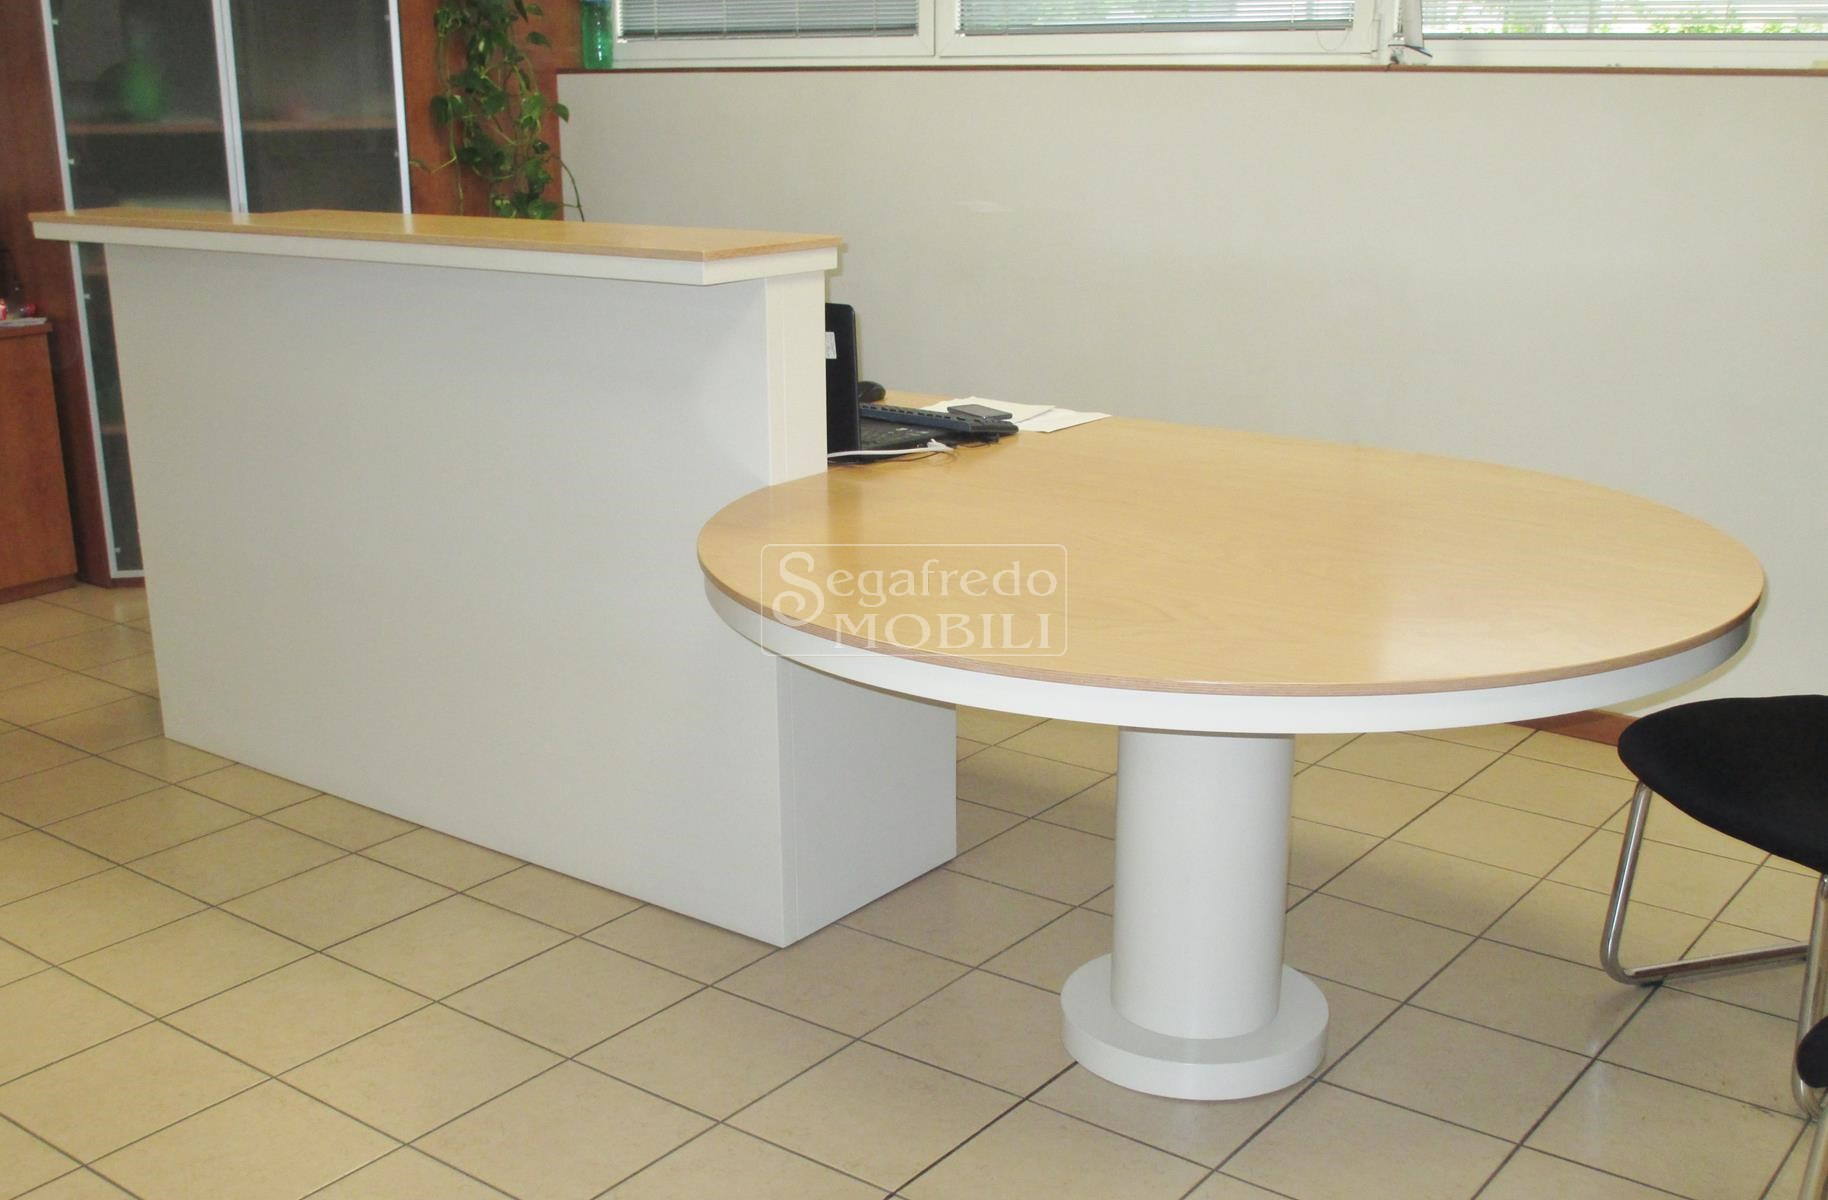 Mobili per ufficio occasioni design casa creativa e for Web mobili design occasioni